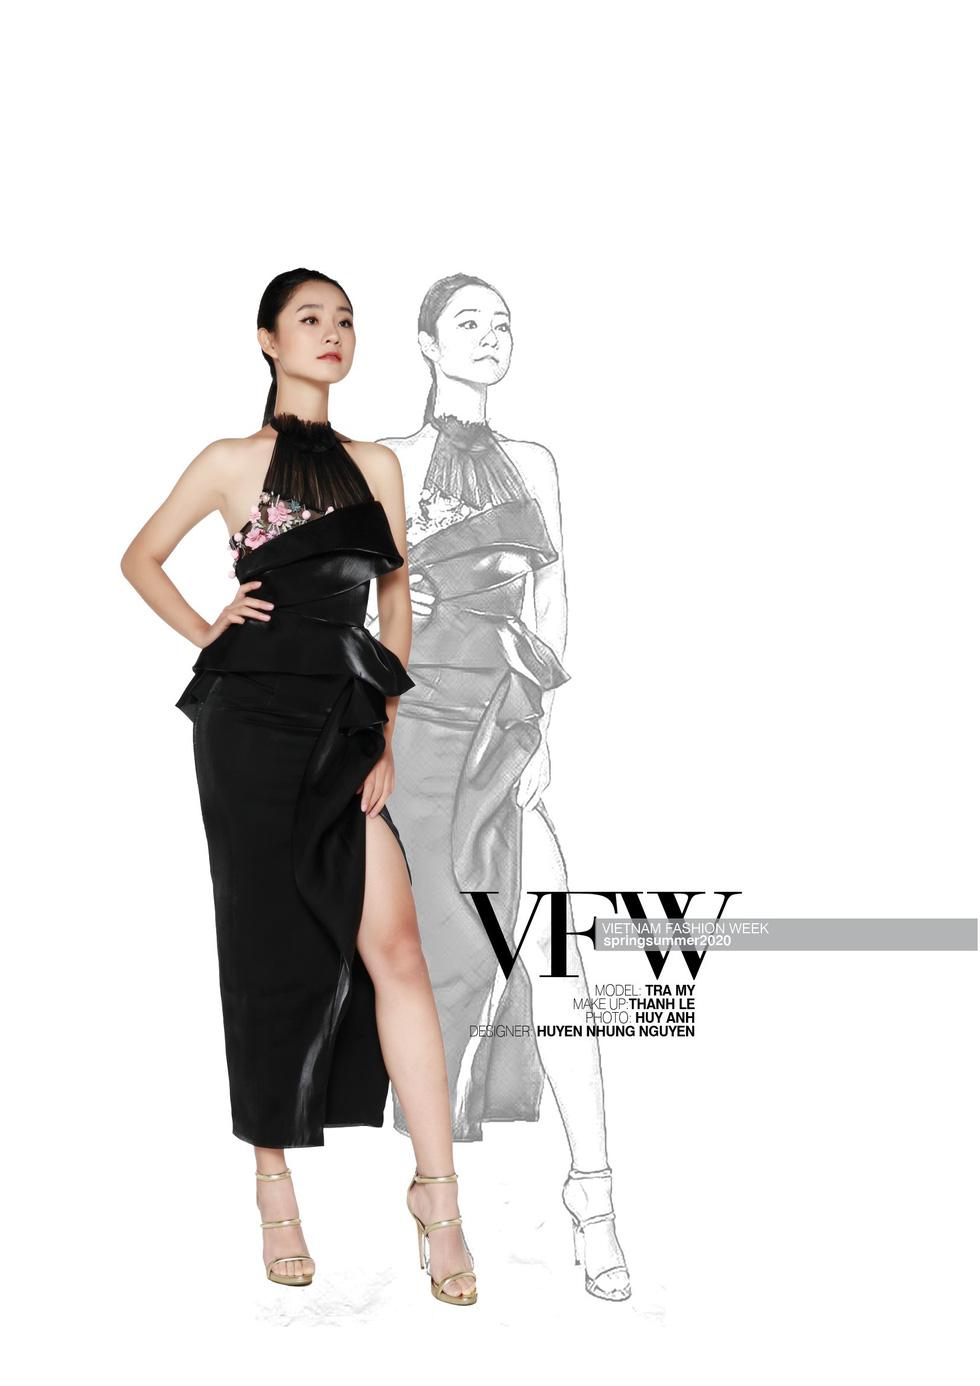 NTK Minh Hạnh: Sao phải đợi Louis Vuitton, ta mới thấy Việt Nam mình đẹp! - Ảnh 11.